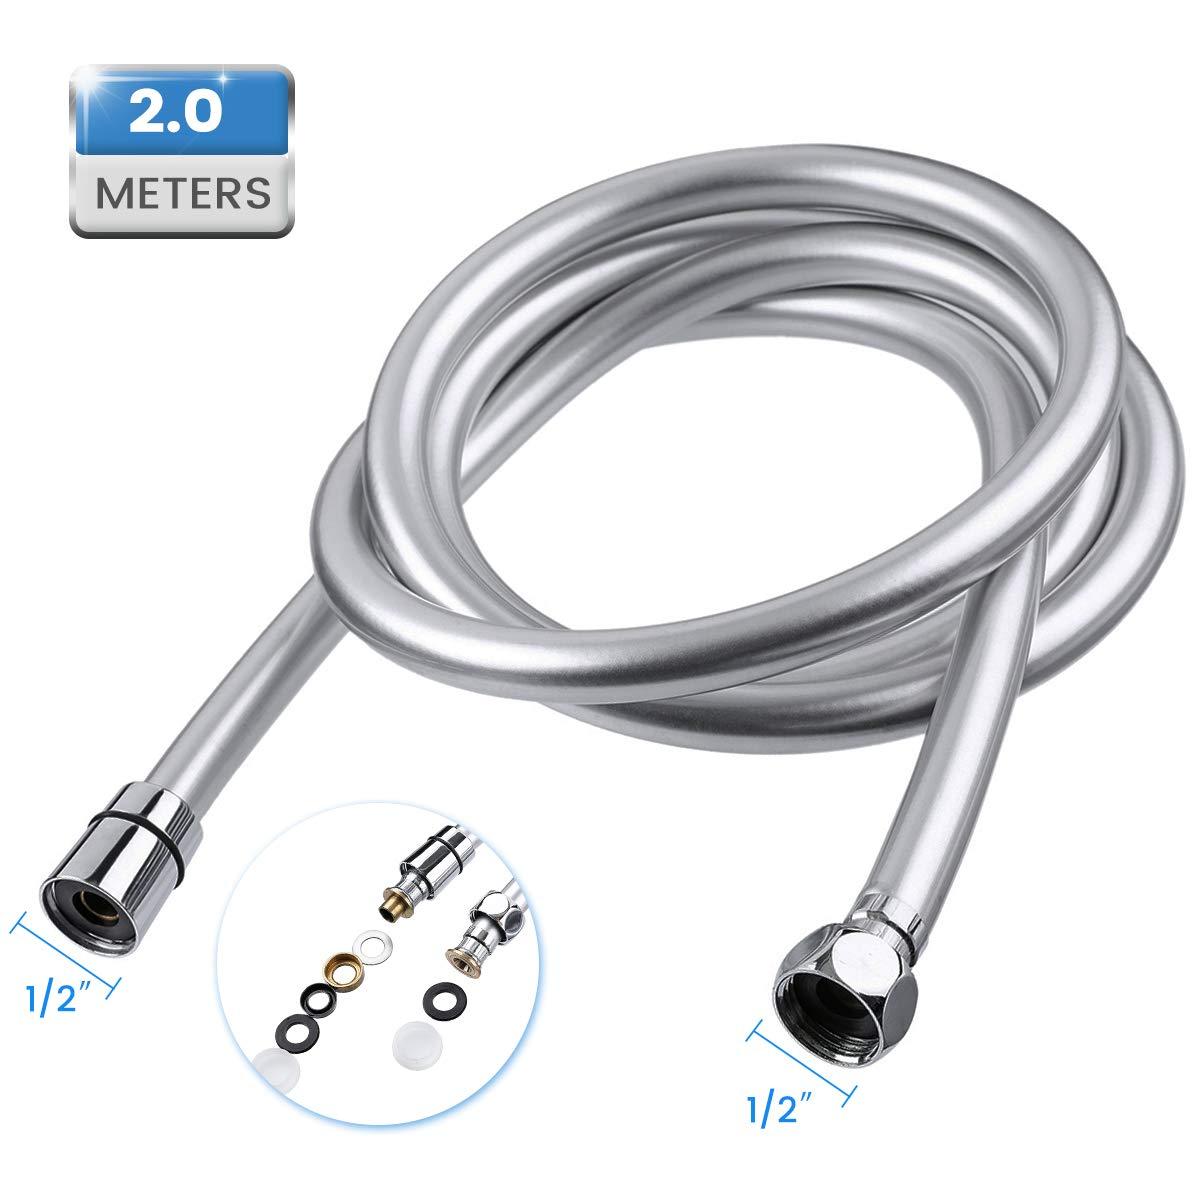 Baban 2M Flessibile Doccia, Adatto a Tutti i Soffione Doccia, facile da installare e resistente ad alta temperatura. Quriccloy_IT